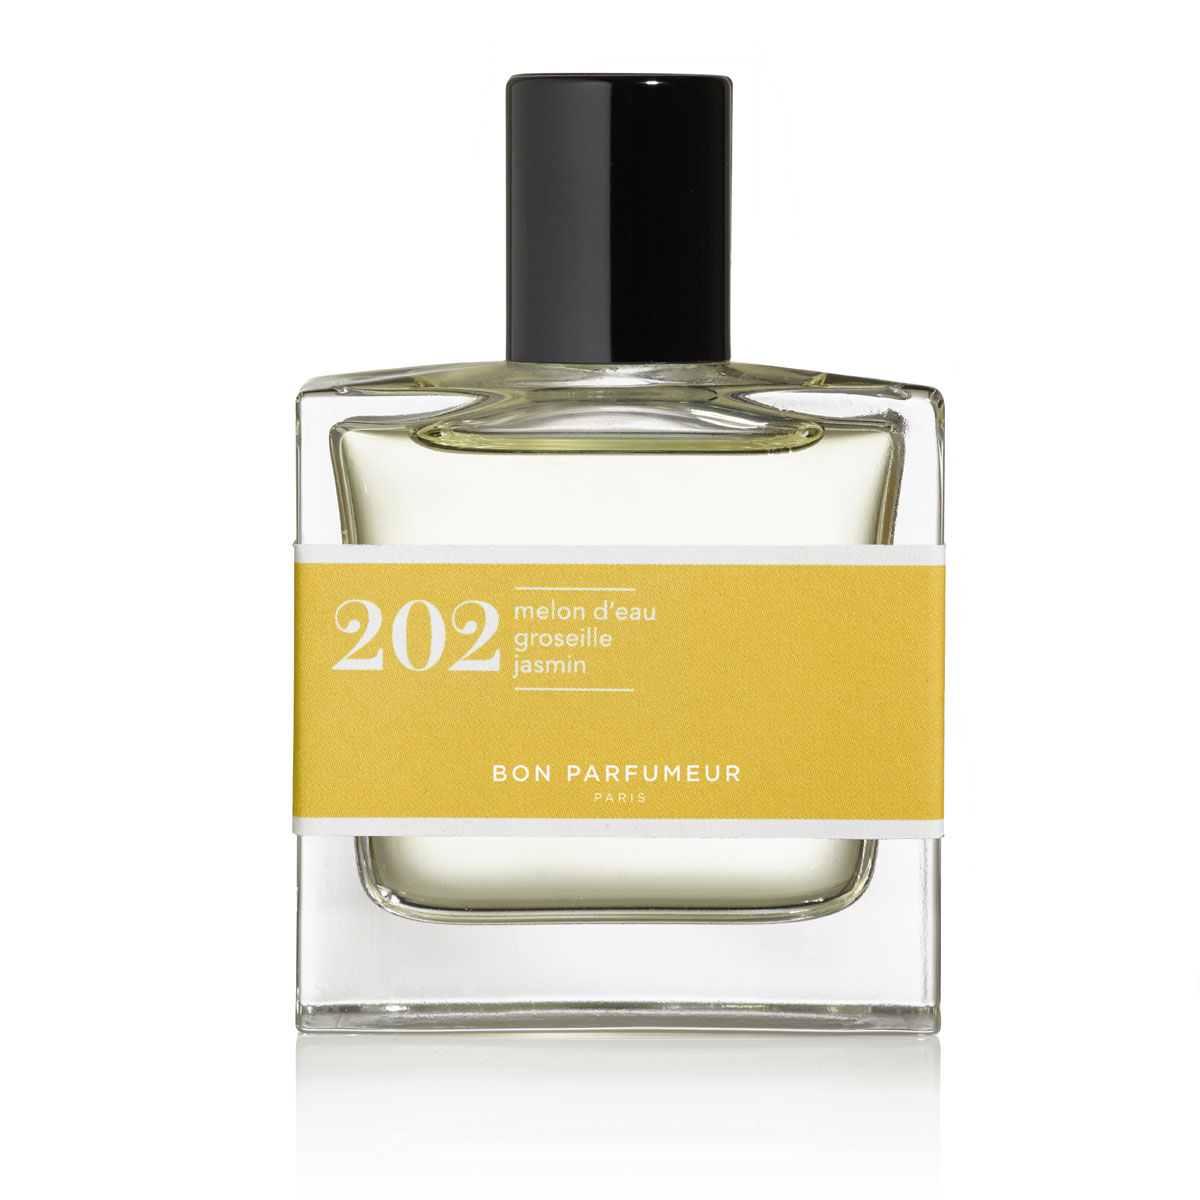 Eau de Parfum 202